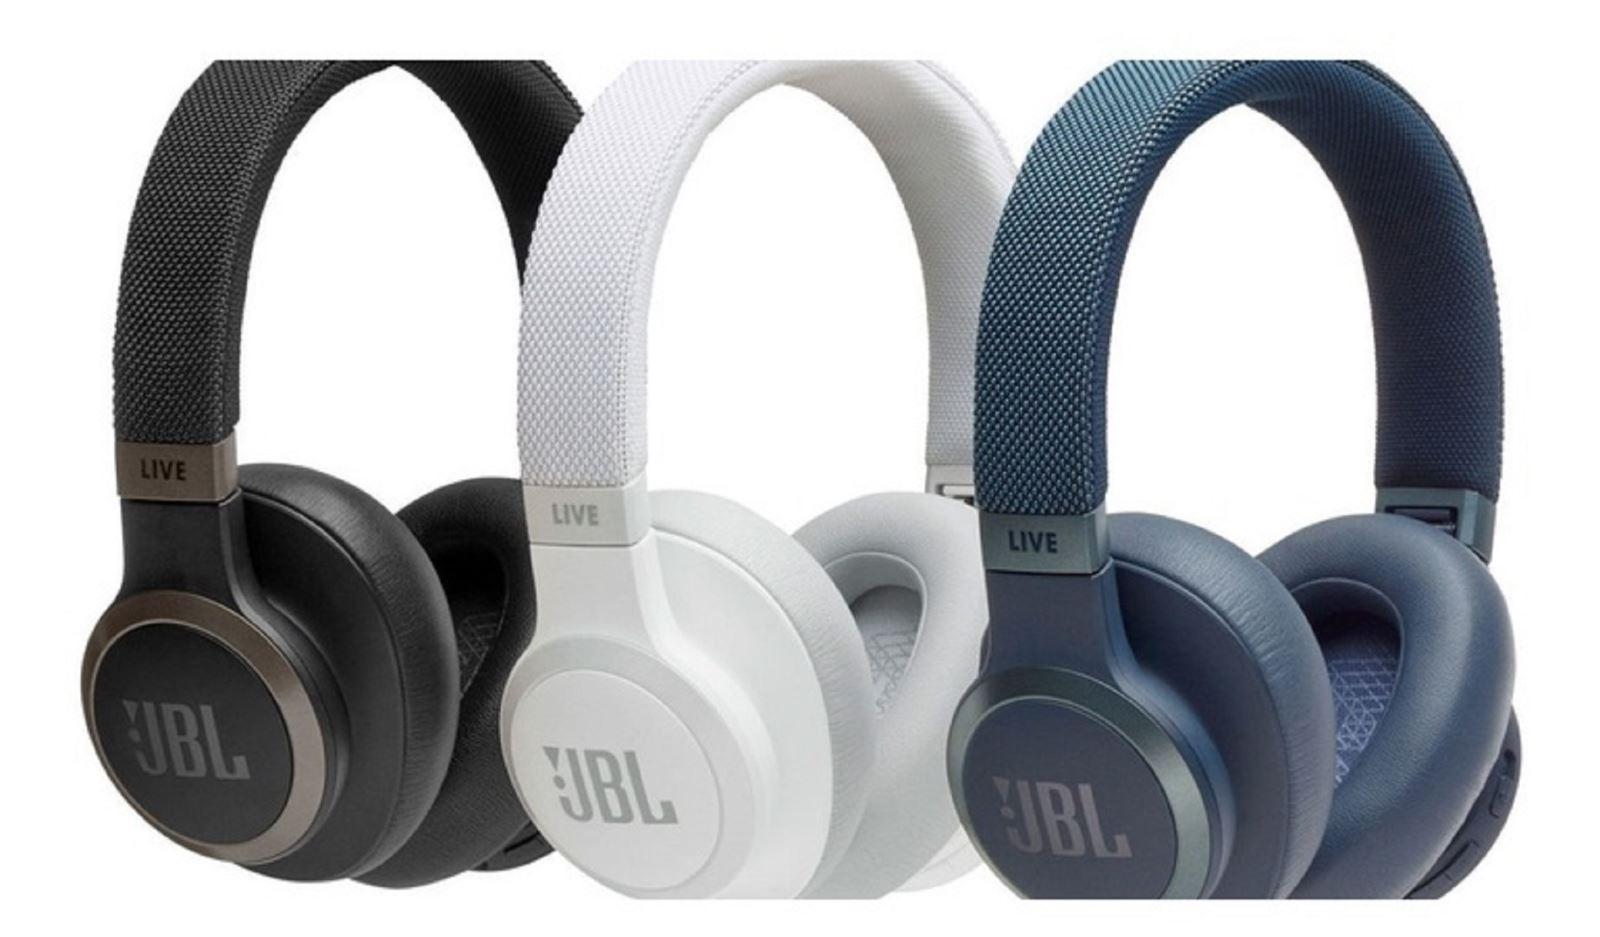 JBL trình làng dòng tai nghe Live, bao gồm cả in-ear, on-ear và over-ear